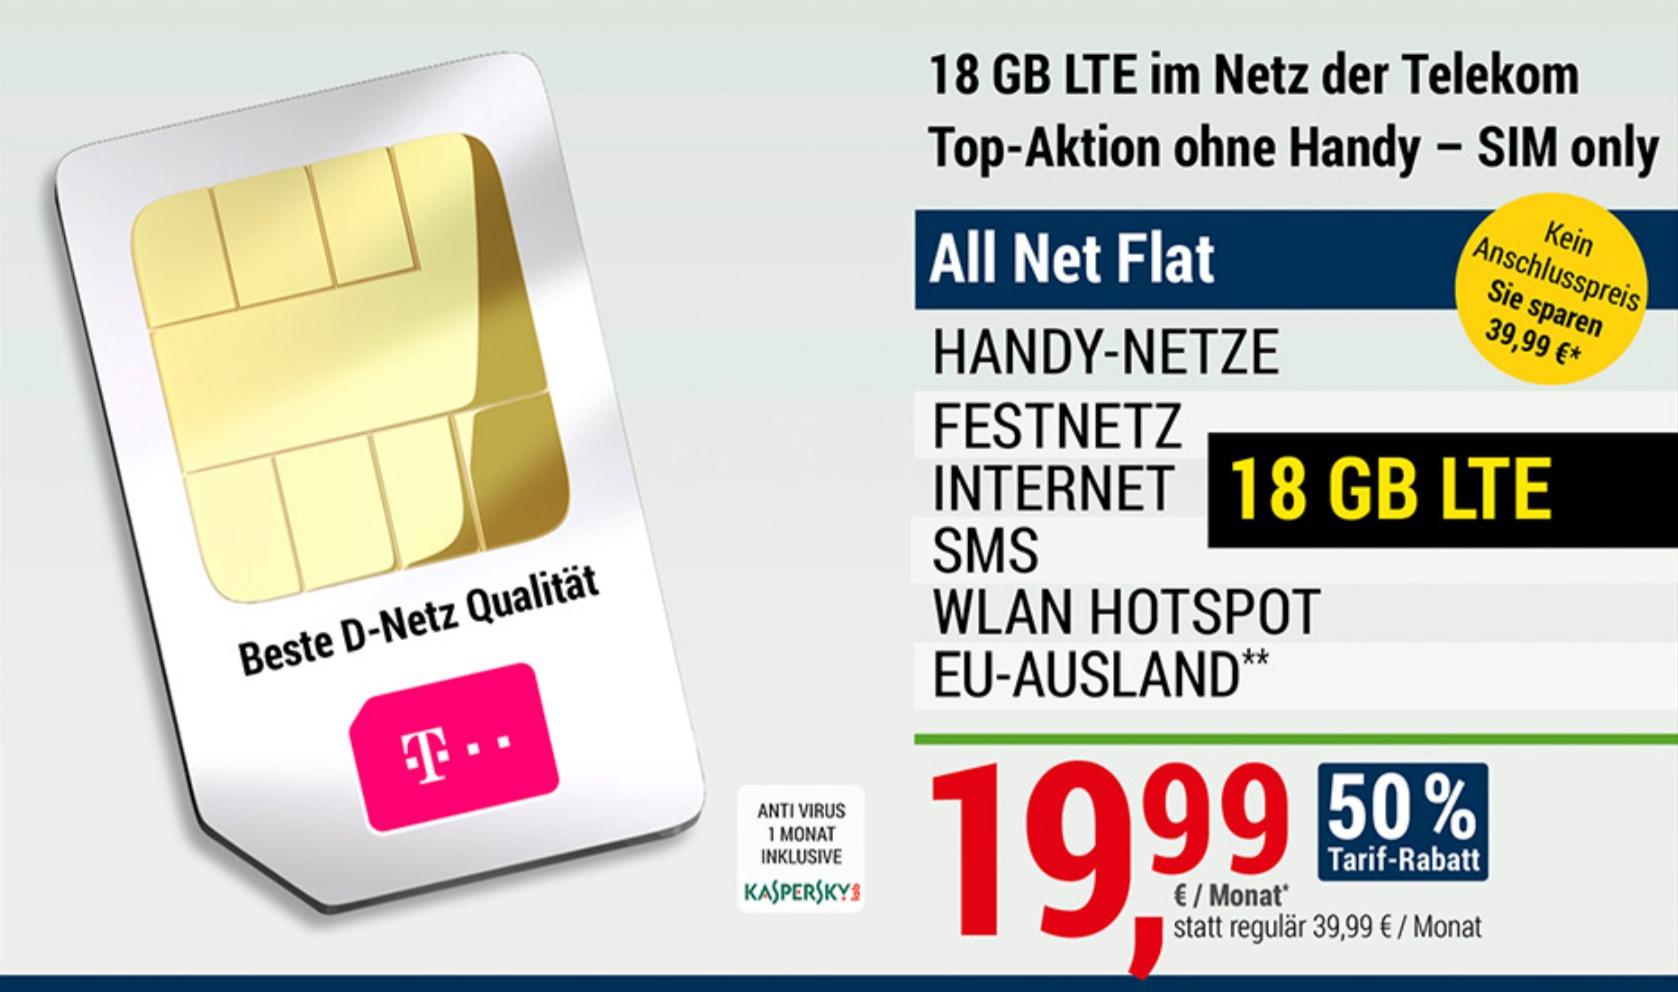 Hammer-Tarifaktion für ADAC-Kunden: Allnet-Flat, 18 GB LTE, Telekom-Netz für 19,99€